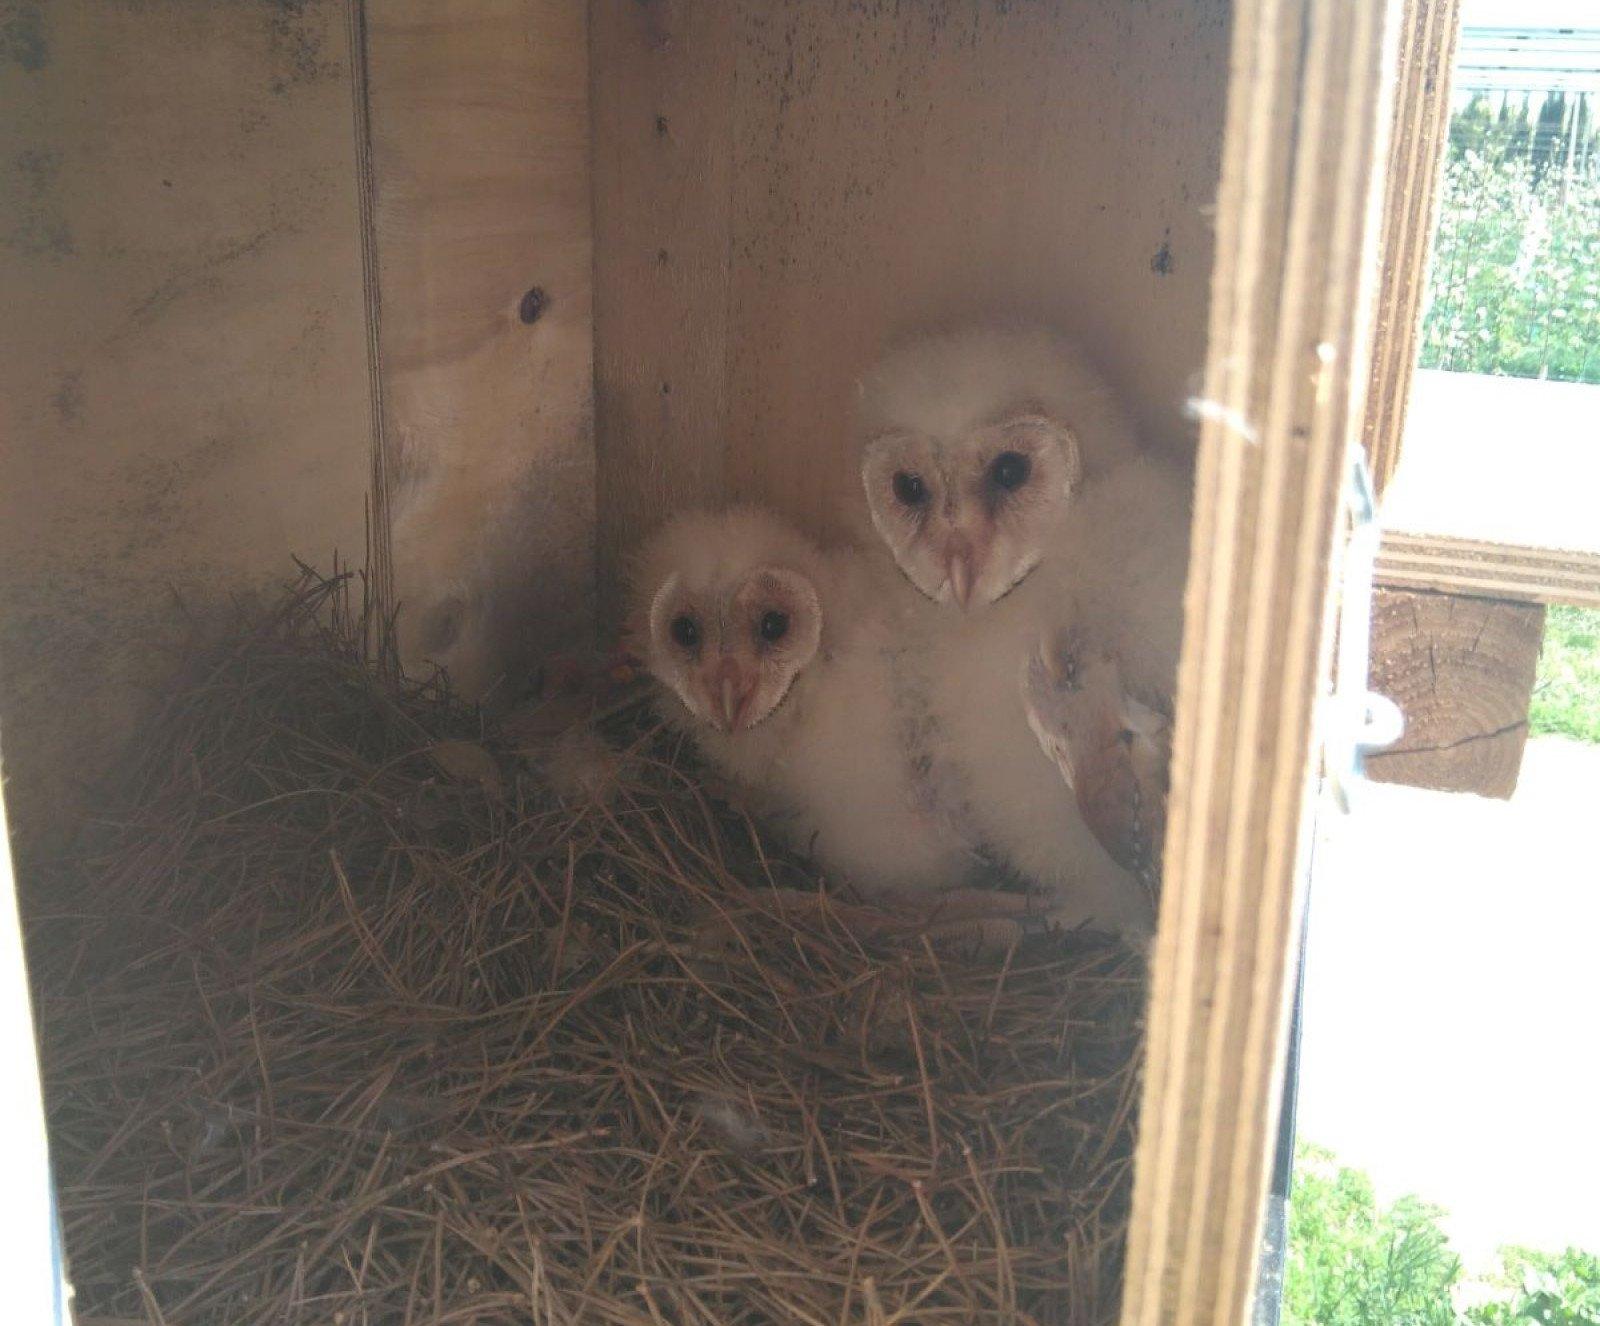 Els pollets d'òliba alliberats a l'Empordà